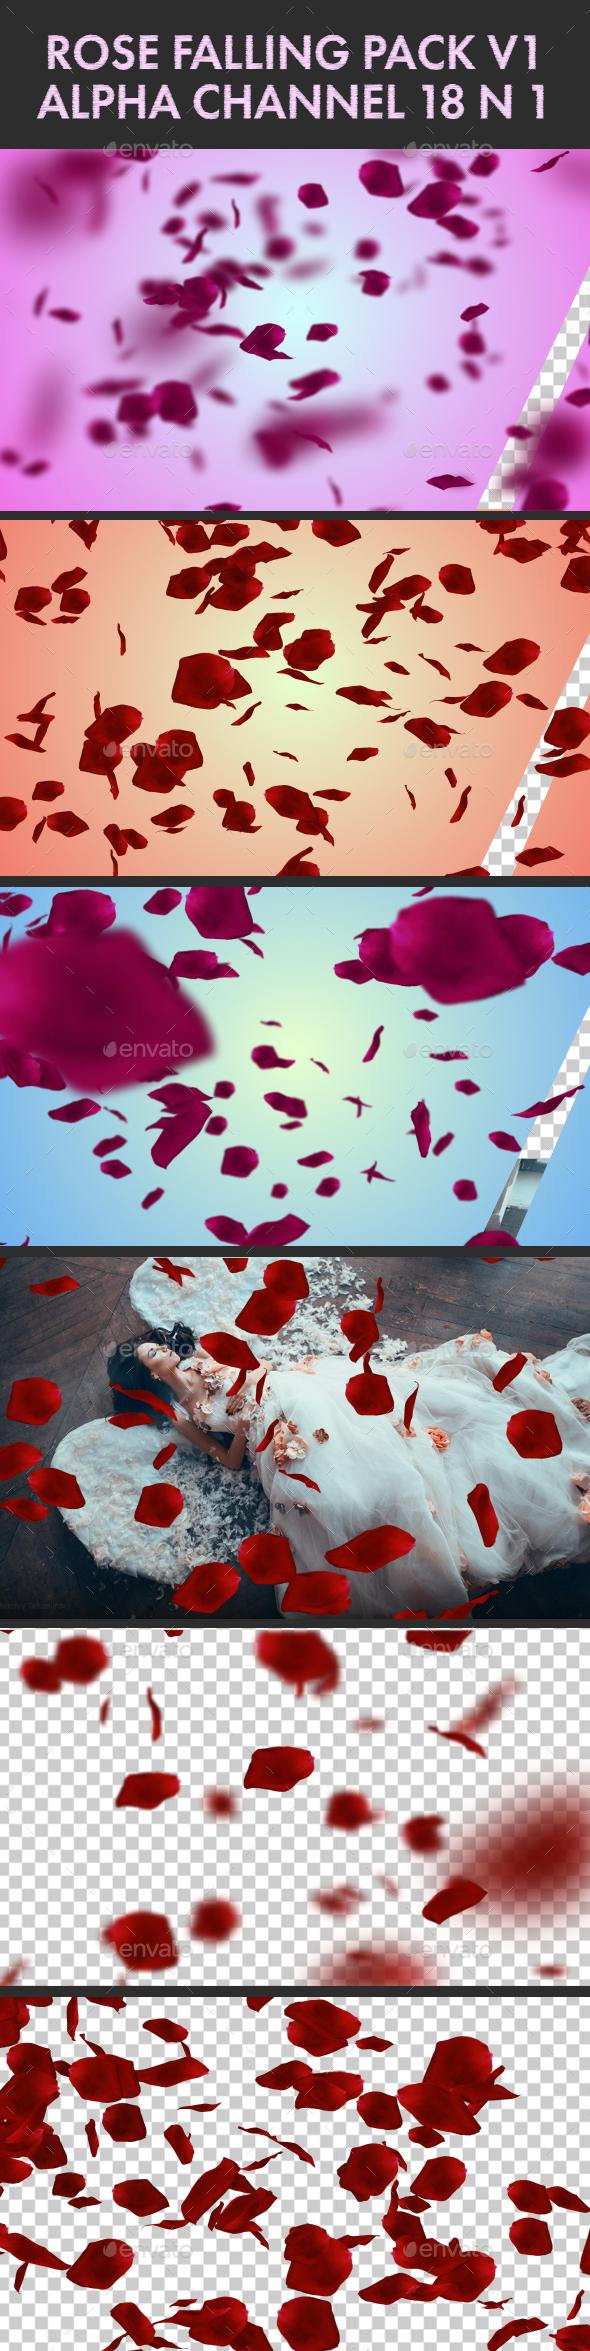 Falling Rose Petals Pack V1 18 n 1 - Nature Backgrounds